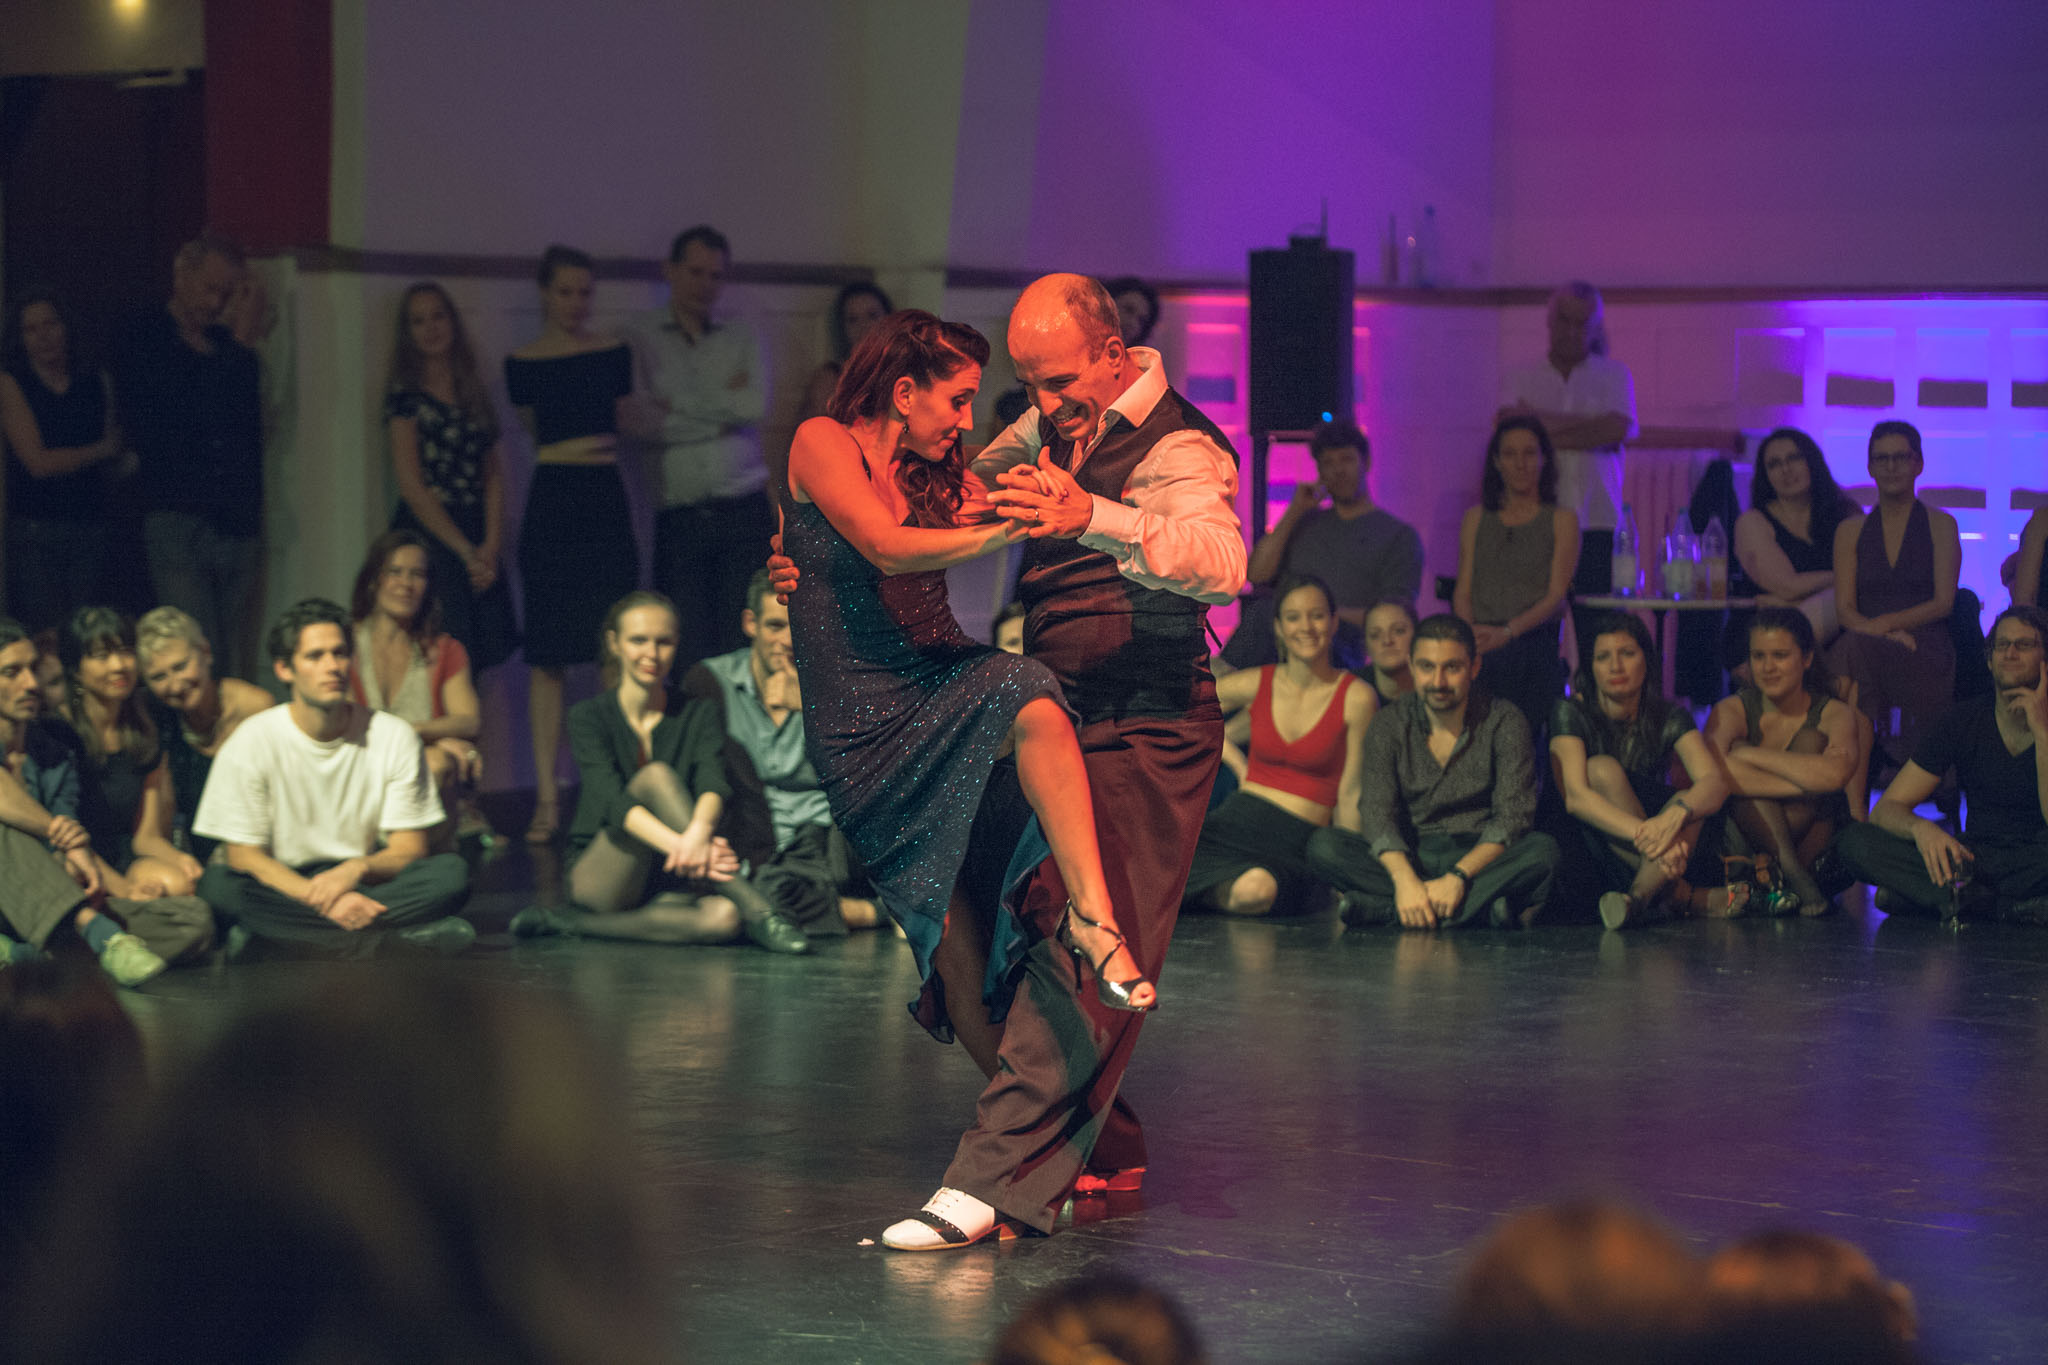 Cecilia Berra & Horacio Godoy, Berlin, 2018